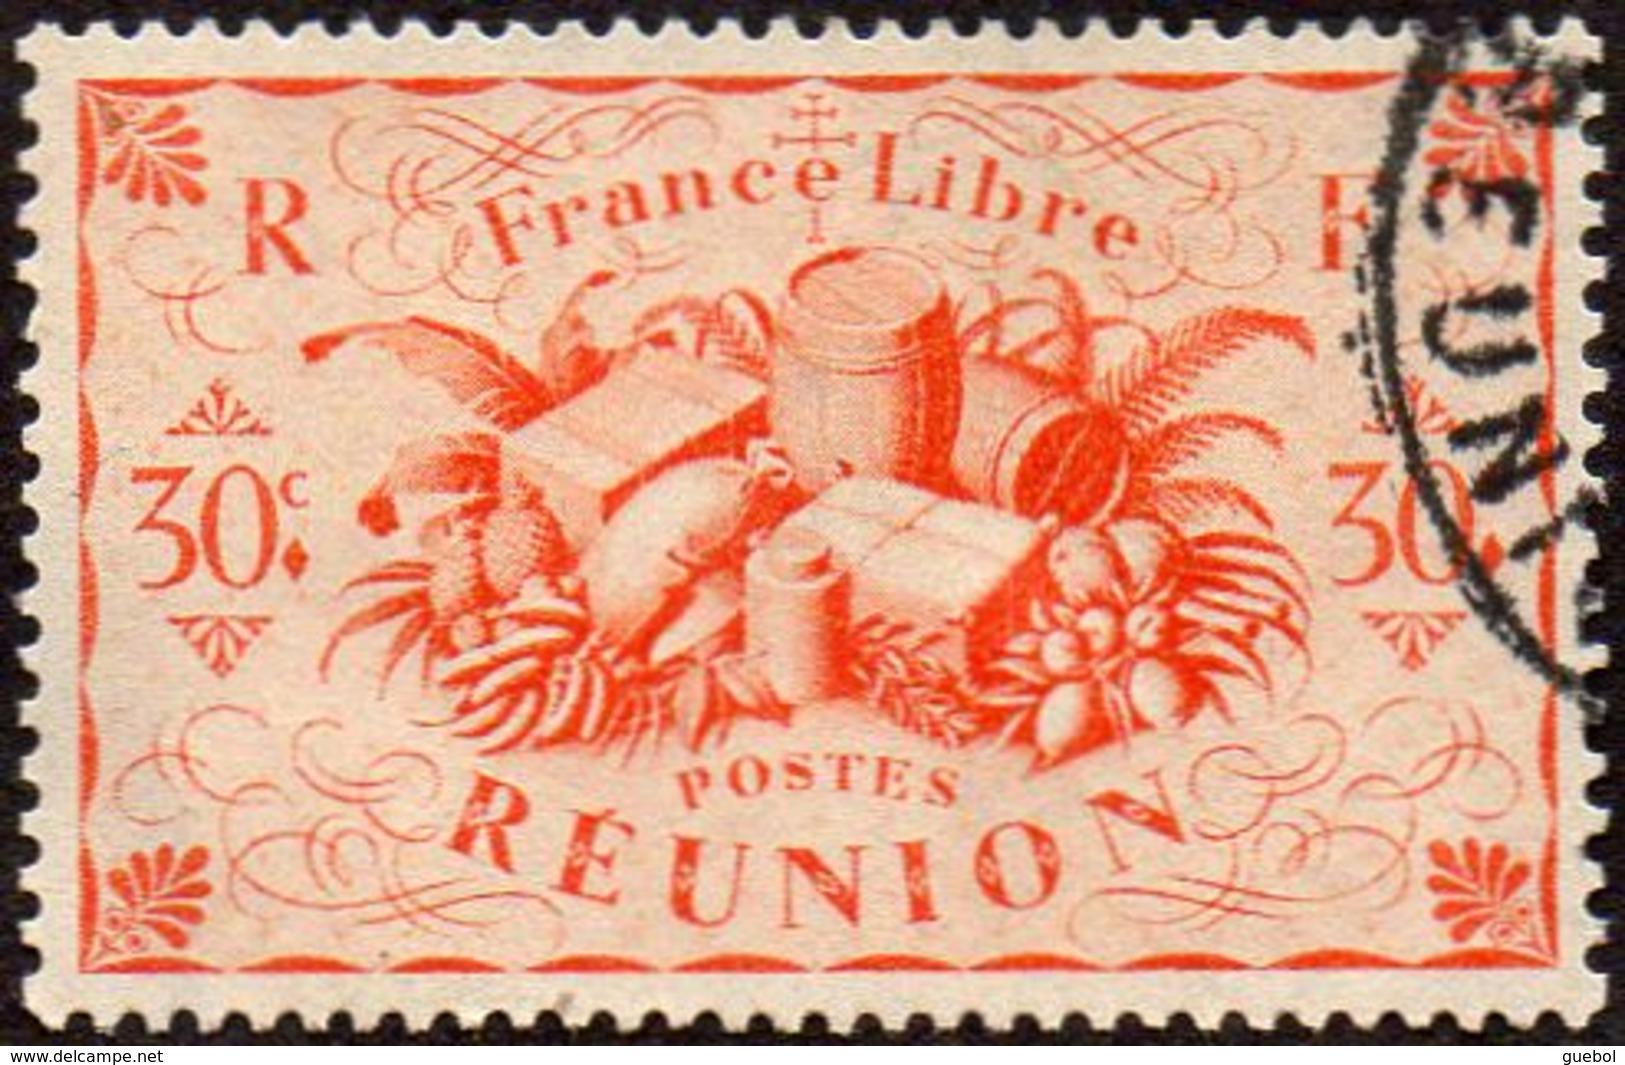 Réunion Obl. N° 236 - Détail De La Série De LONDRES - Productions - 30 Cts Orange - Réunion (1852-1975)